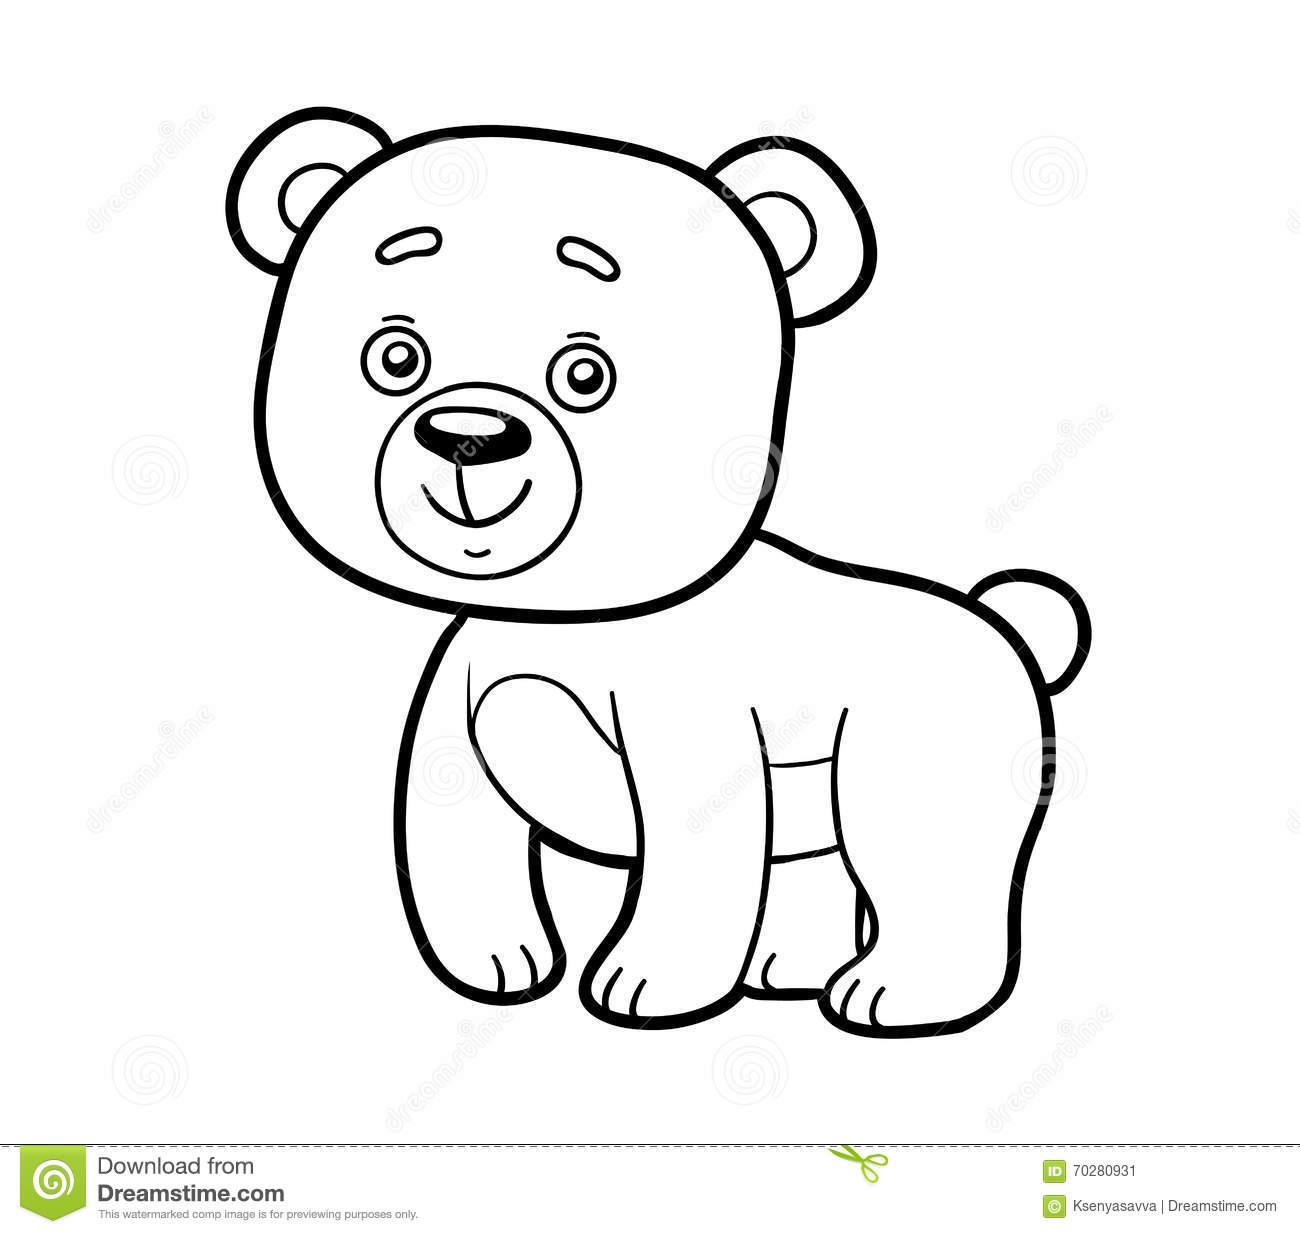 urso-para-colorir-e-pintar-6.jpg